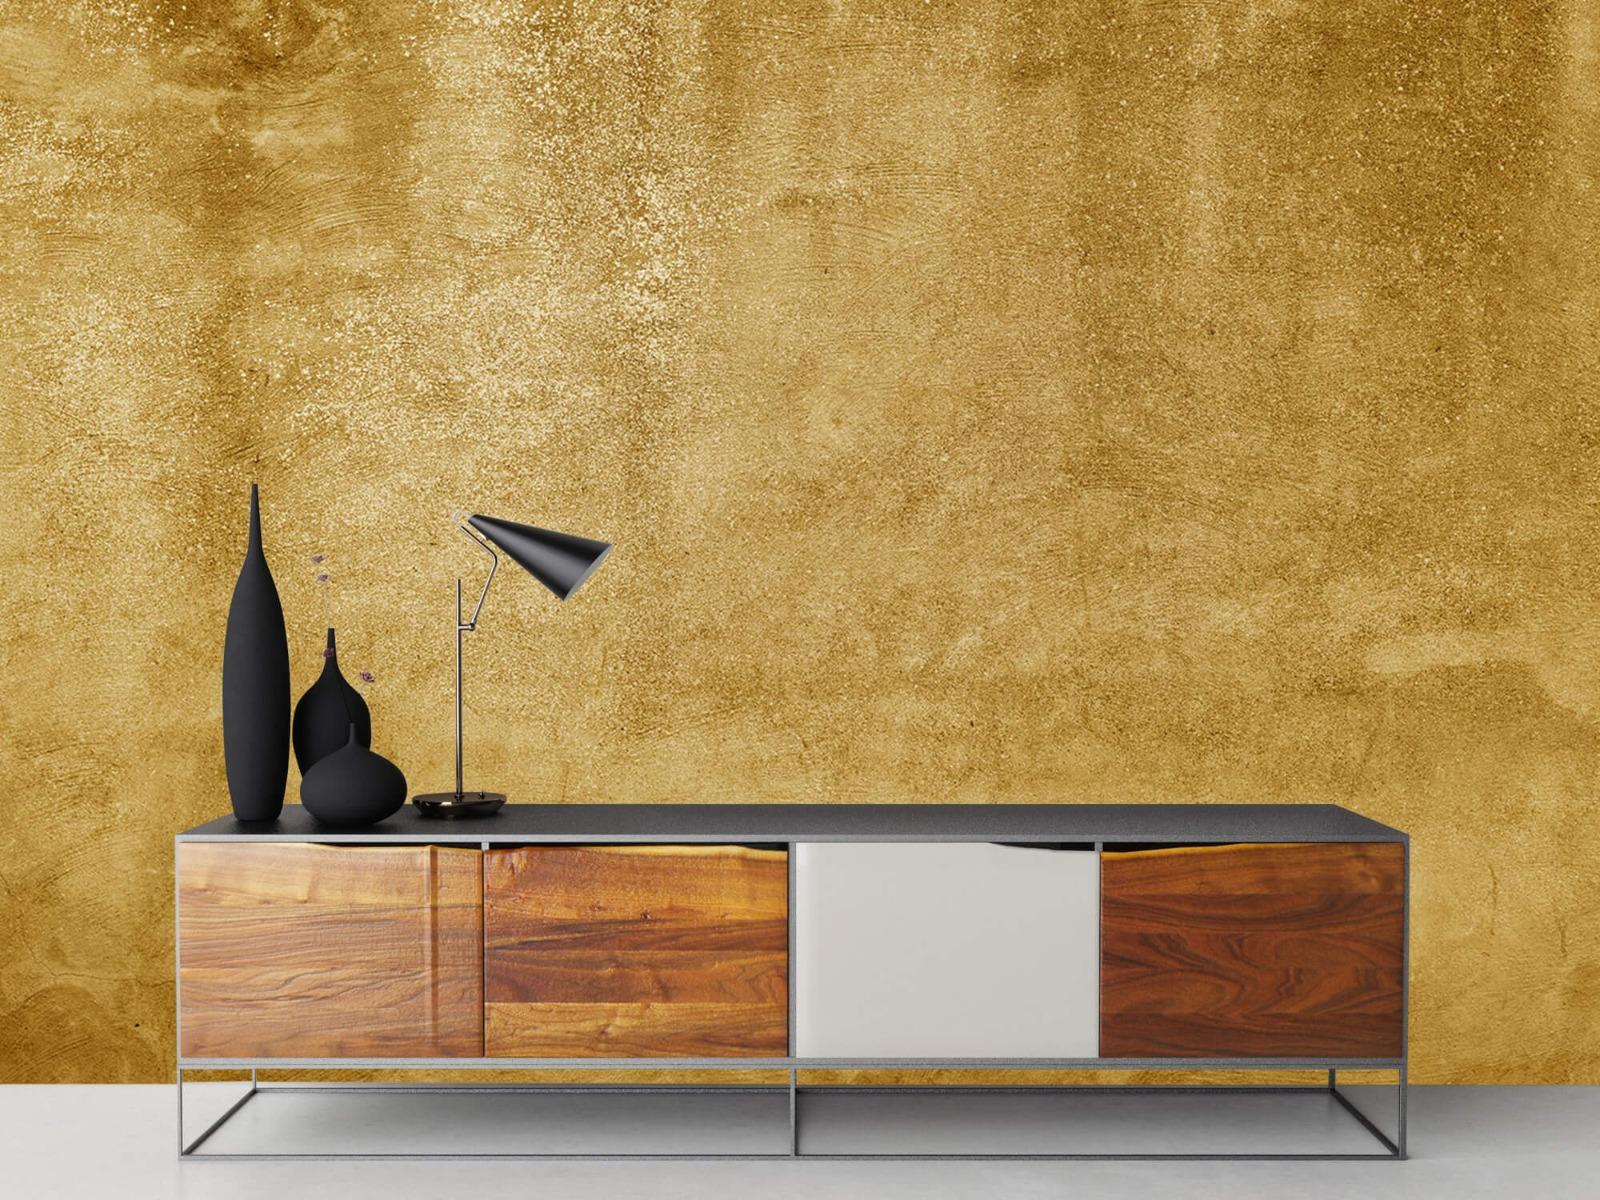 Betonoptik Tapete - Ockerhaltiger gelber Beton auf Fototapete - Wohnzimmer 16